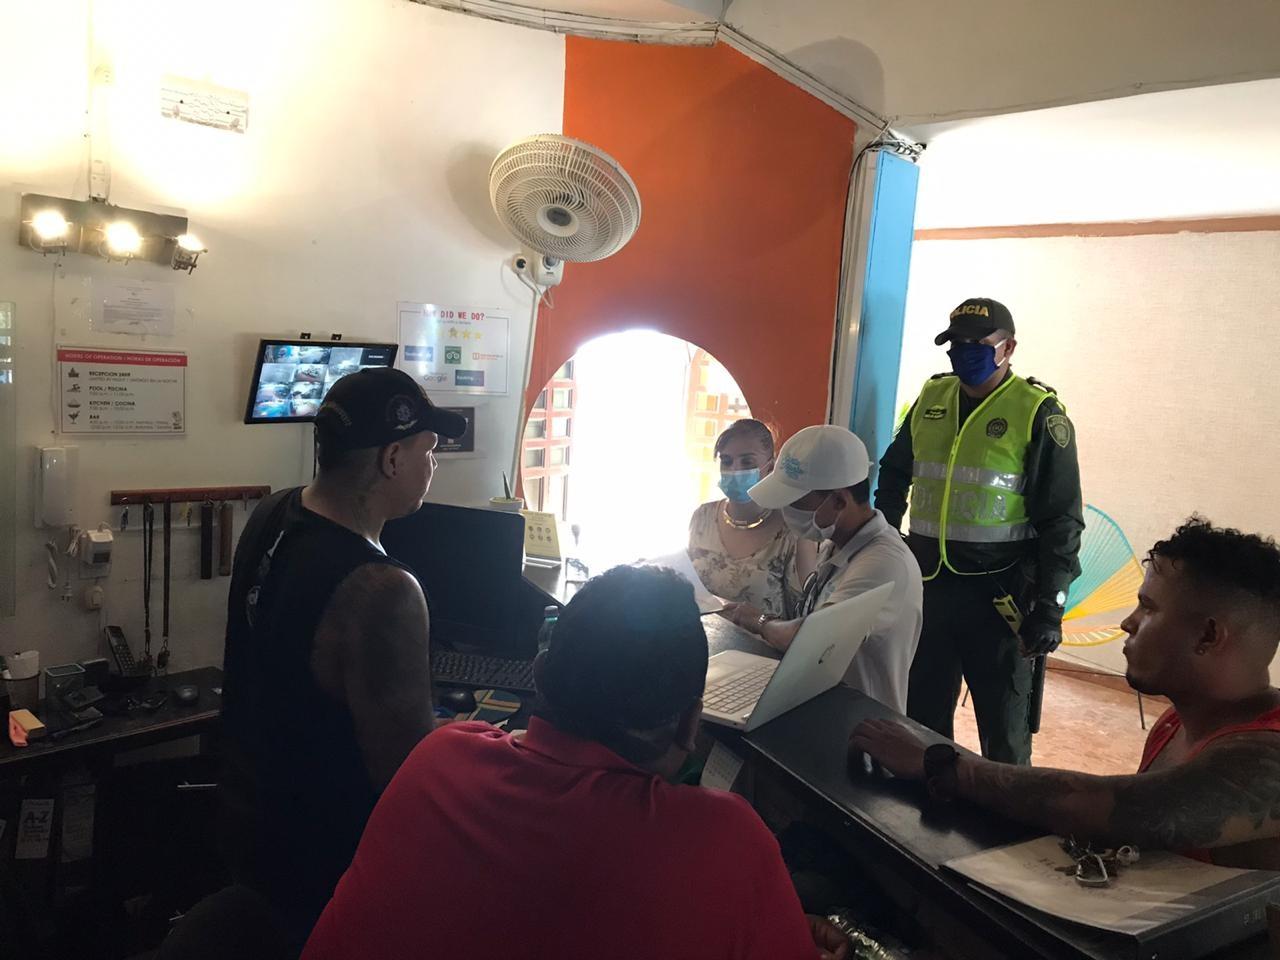 Autoridades se toman los hostales para verificar estado de extranjeros y cumplimiento de la cuarentena